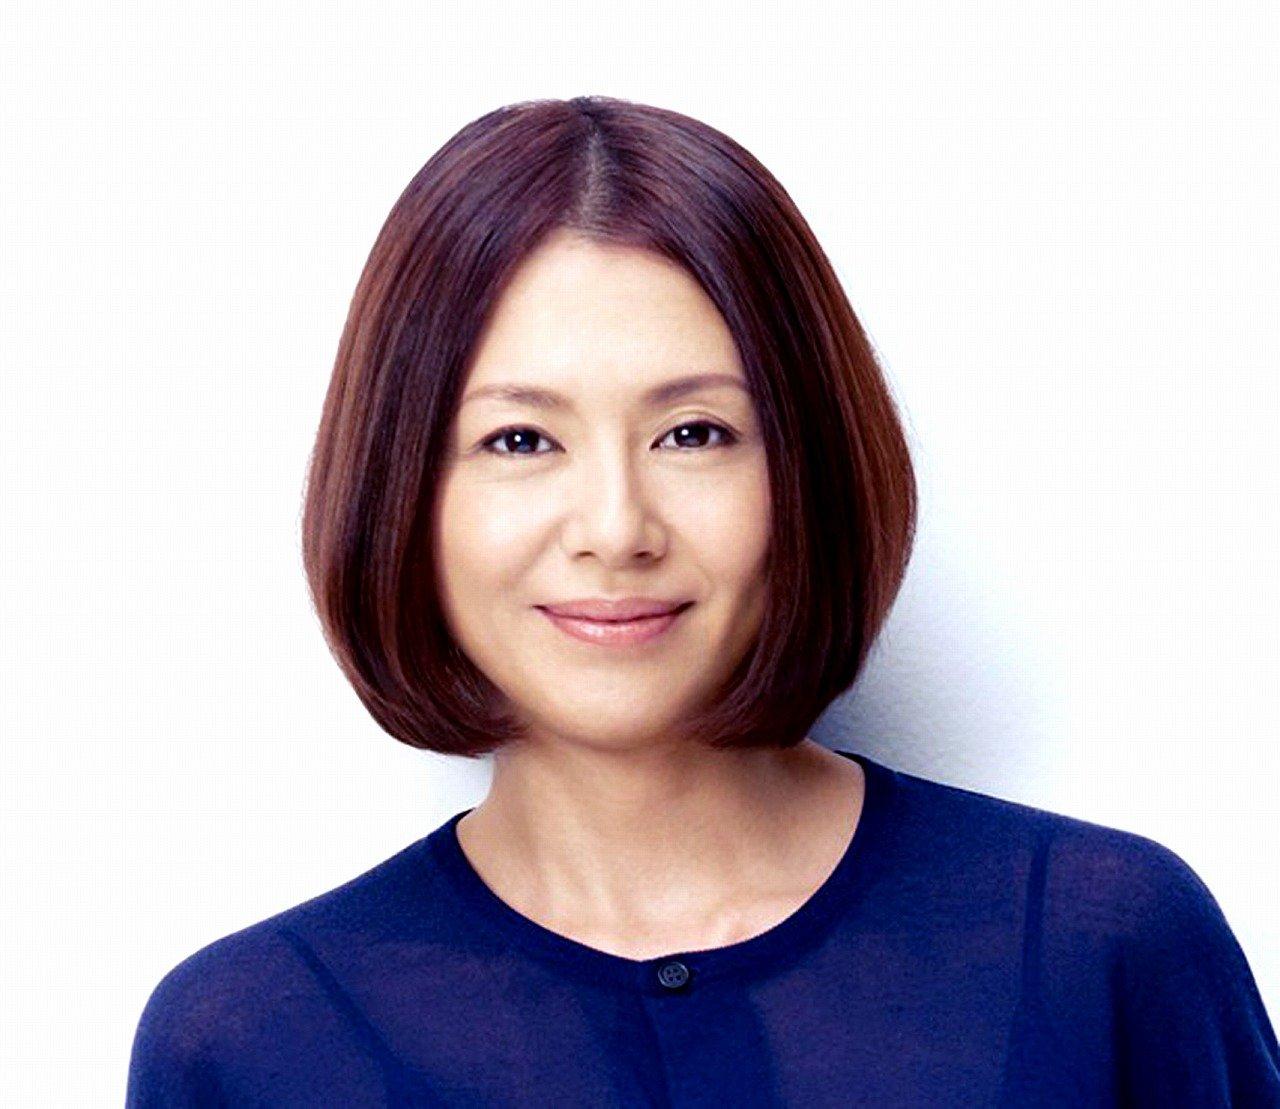 kamenashi kazuya koizumi kyoko love 01 - 年齢差20歳の亀梨和也さんと小泉今日子さんが付き合っていた?